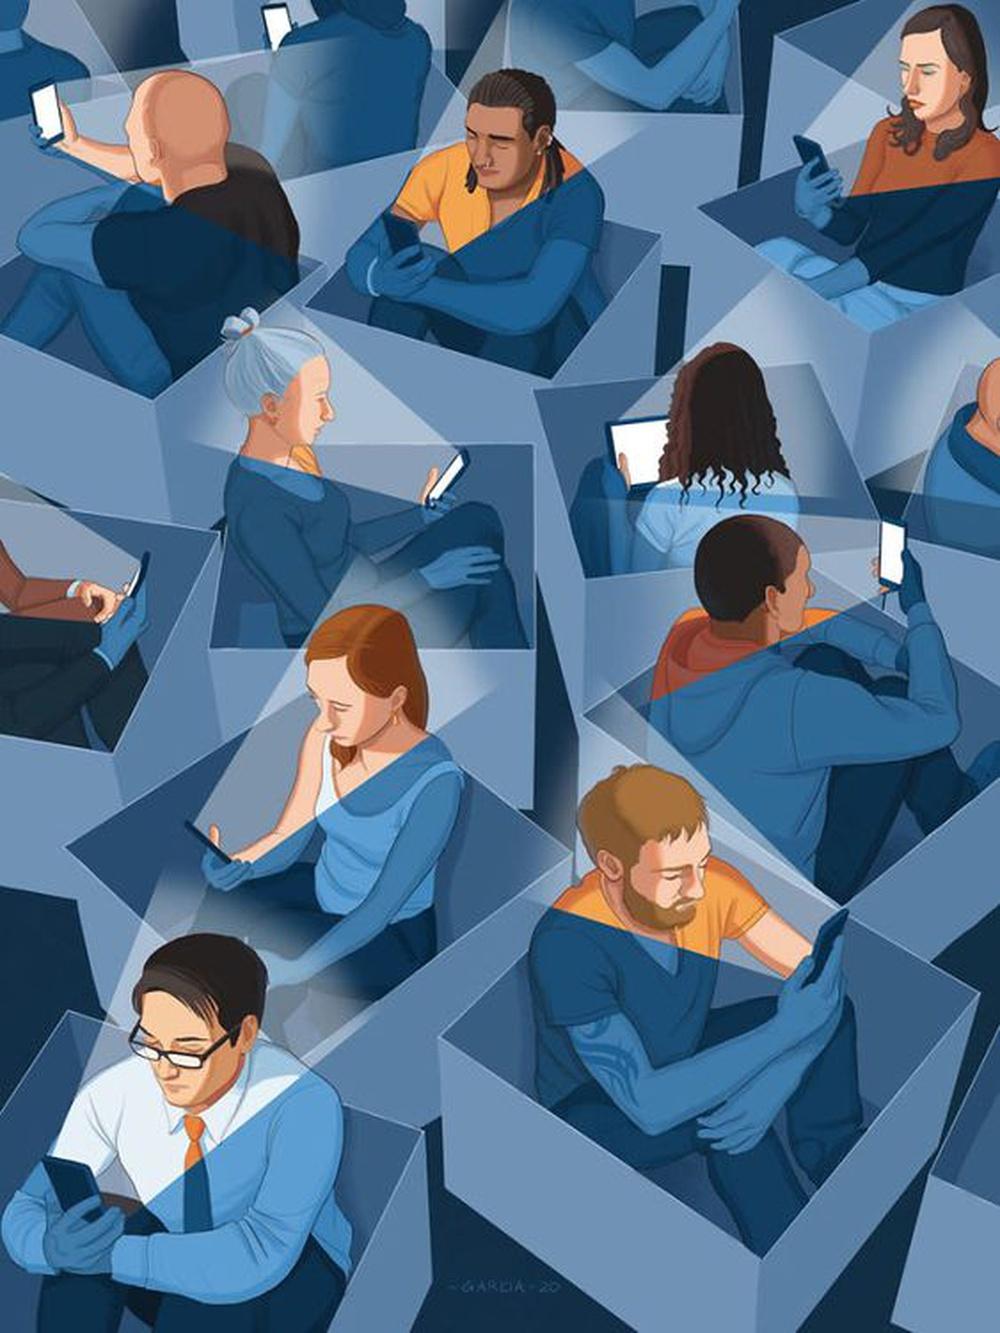 Une lecture attentive est nécessaire pour favoriser la pensée critique et l'empathie